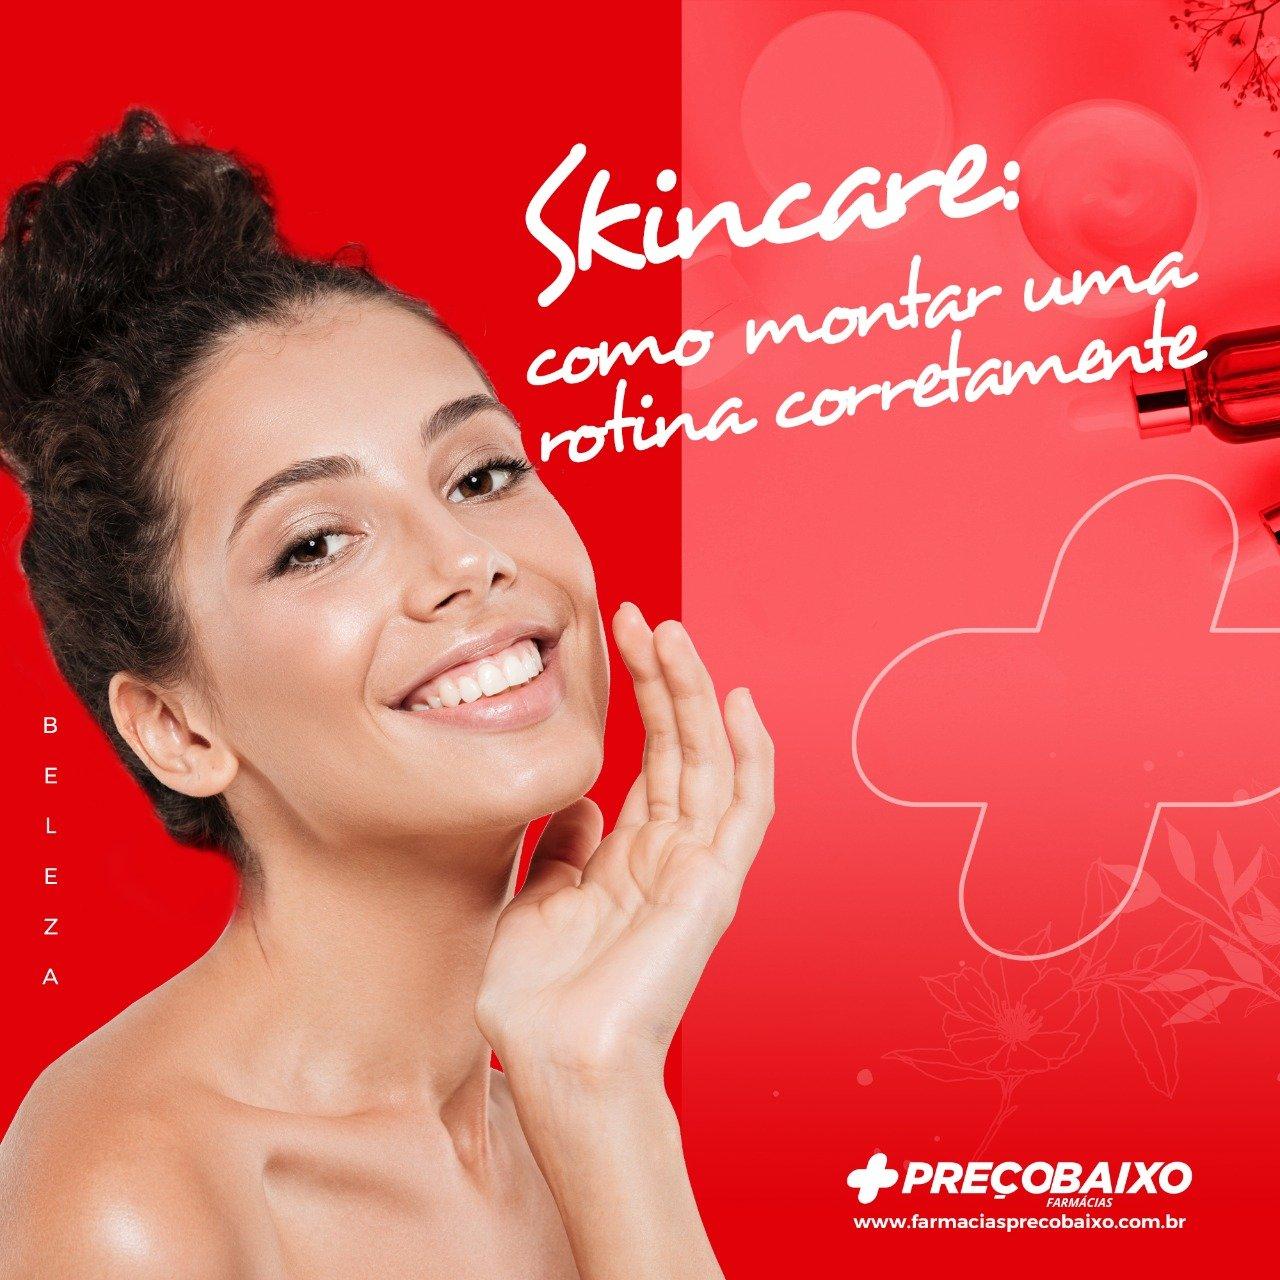 Skincare: Como montar uma rotina corretamente